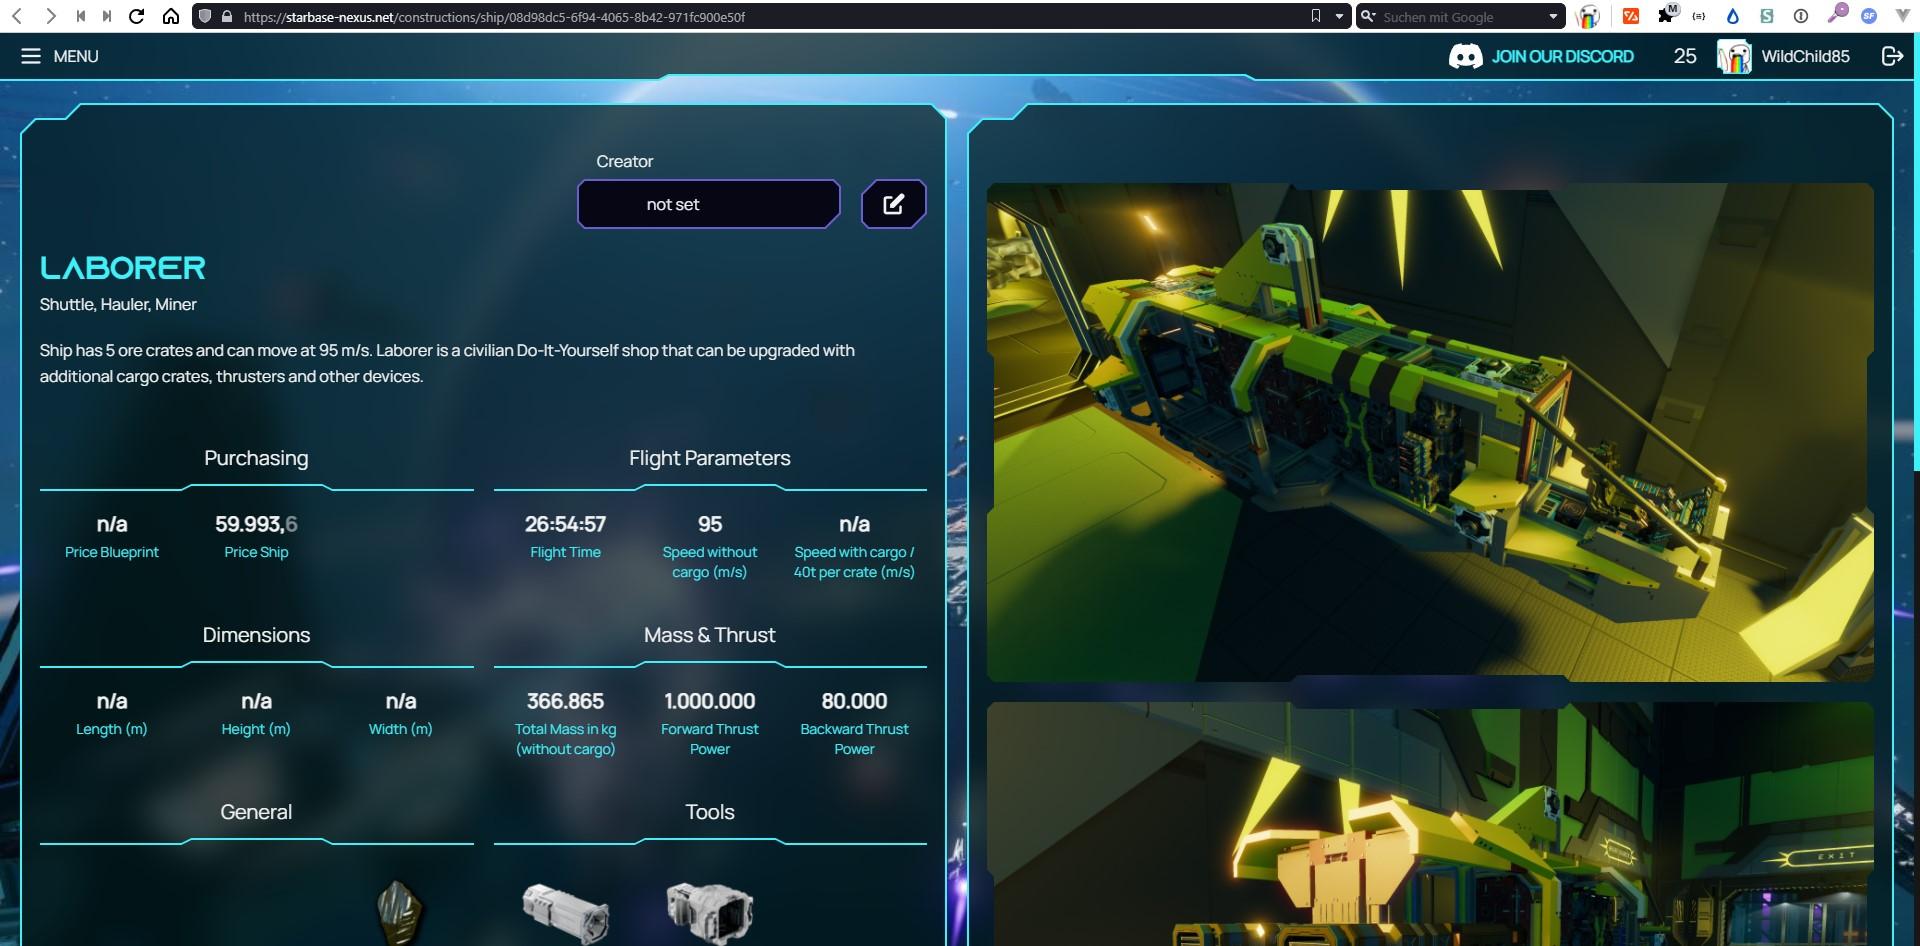 Screenshot 2021-10-13 010349.jpg